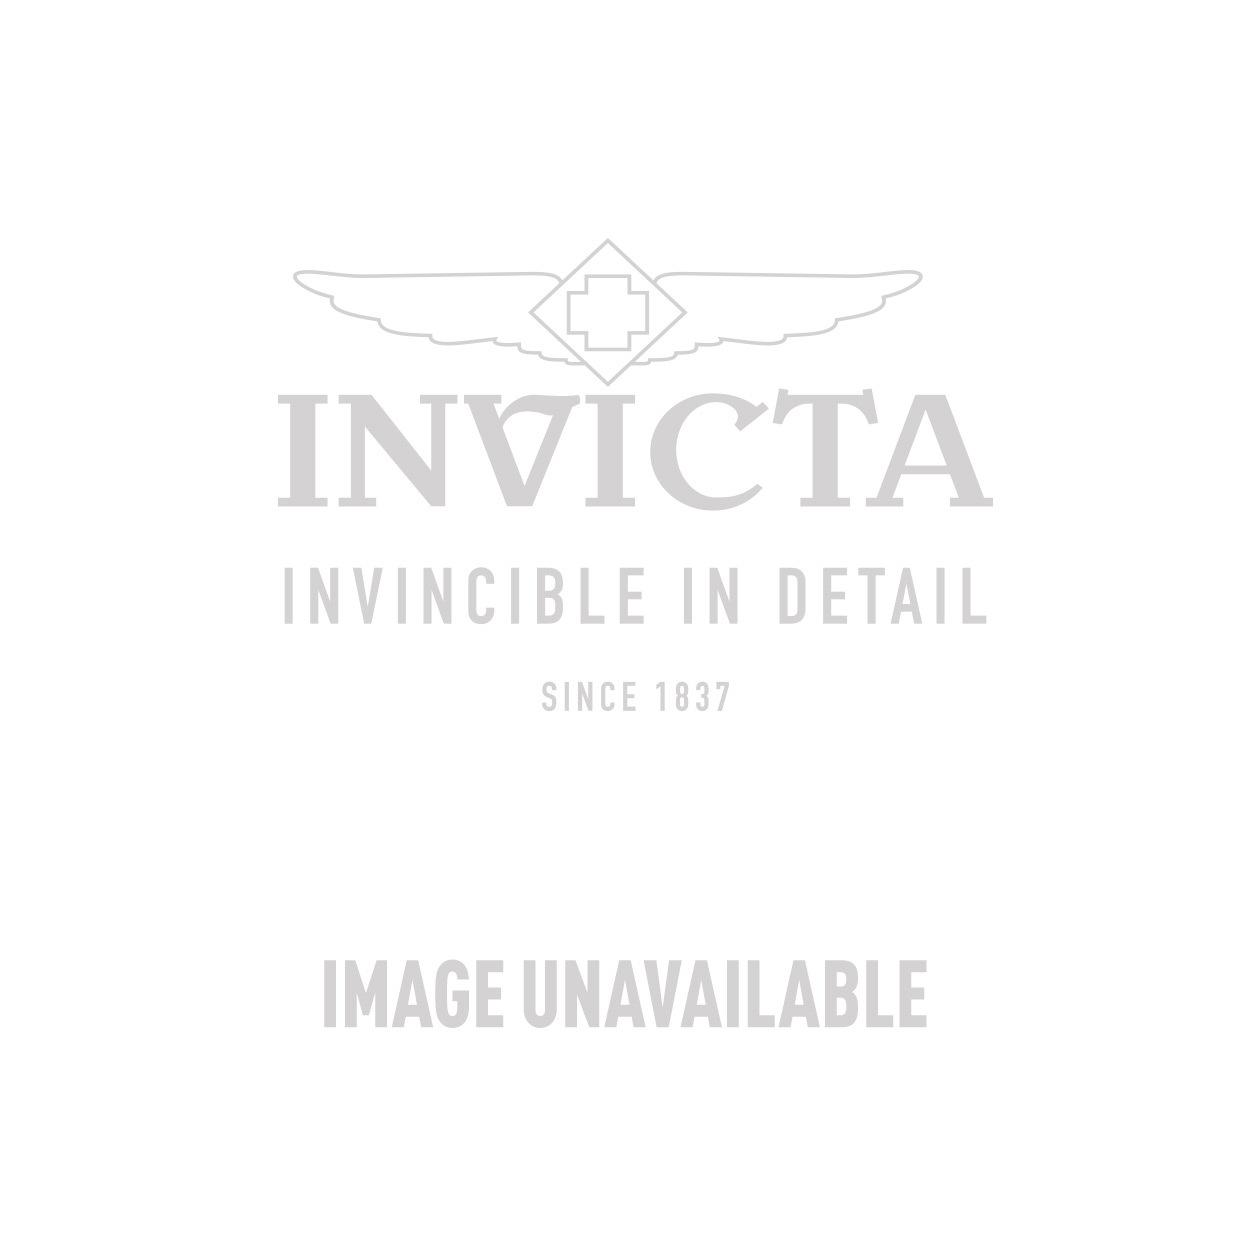 Invicta Model 28556